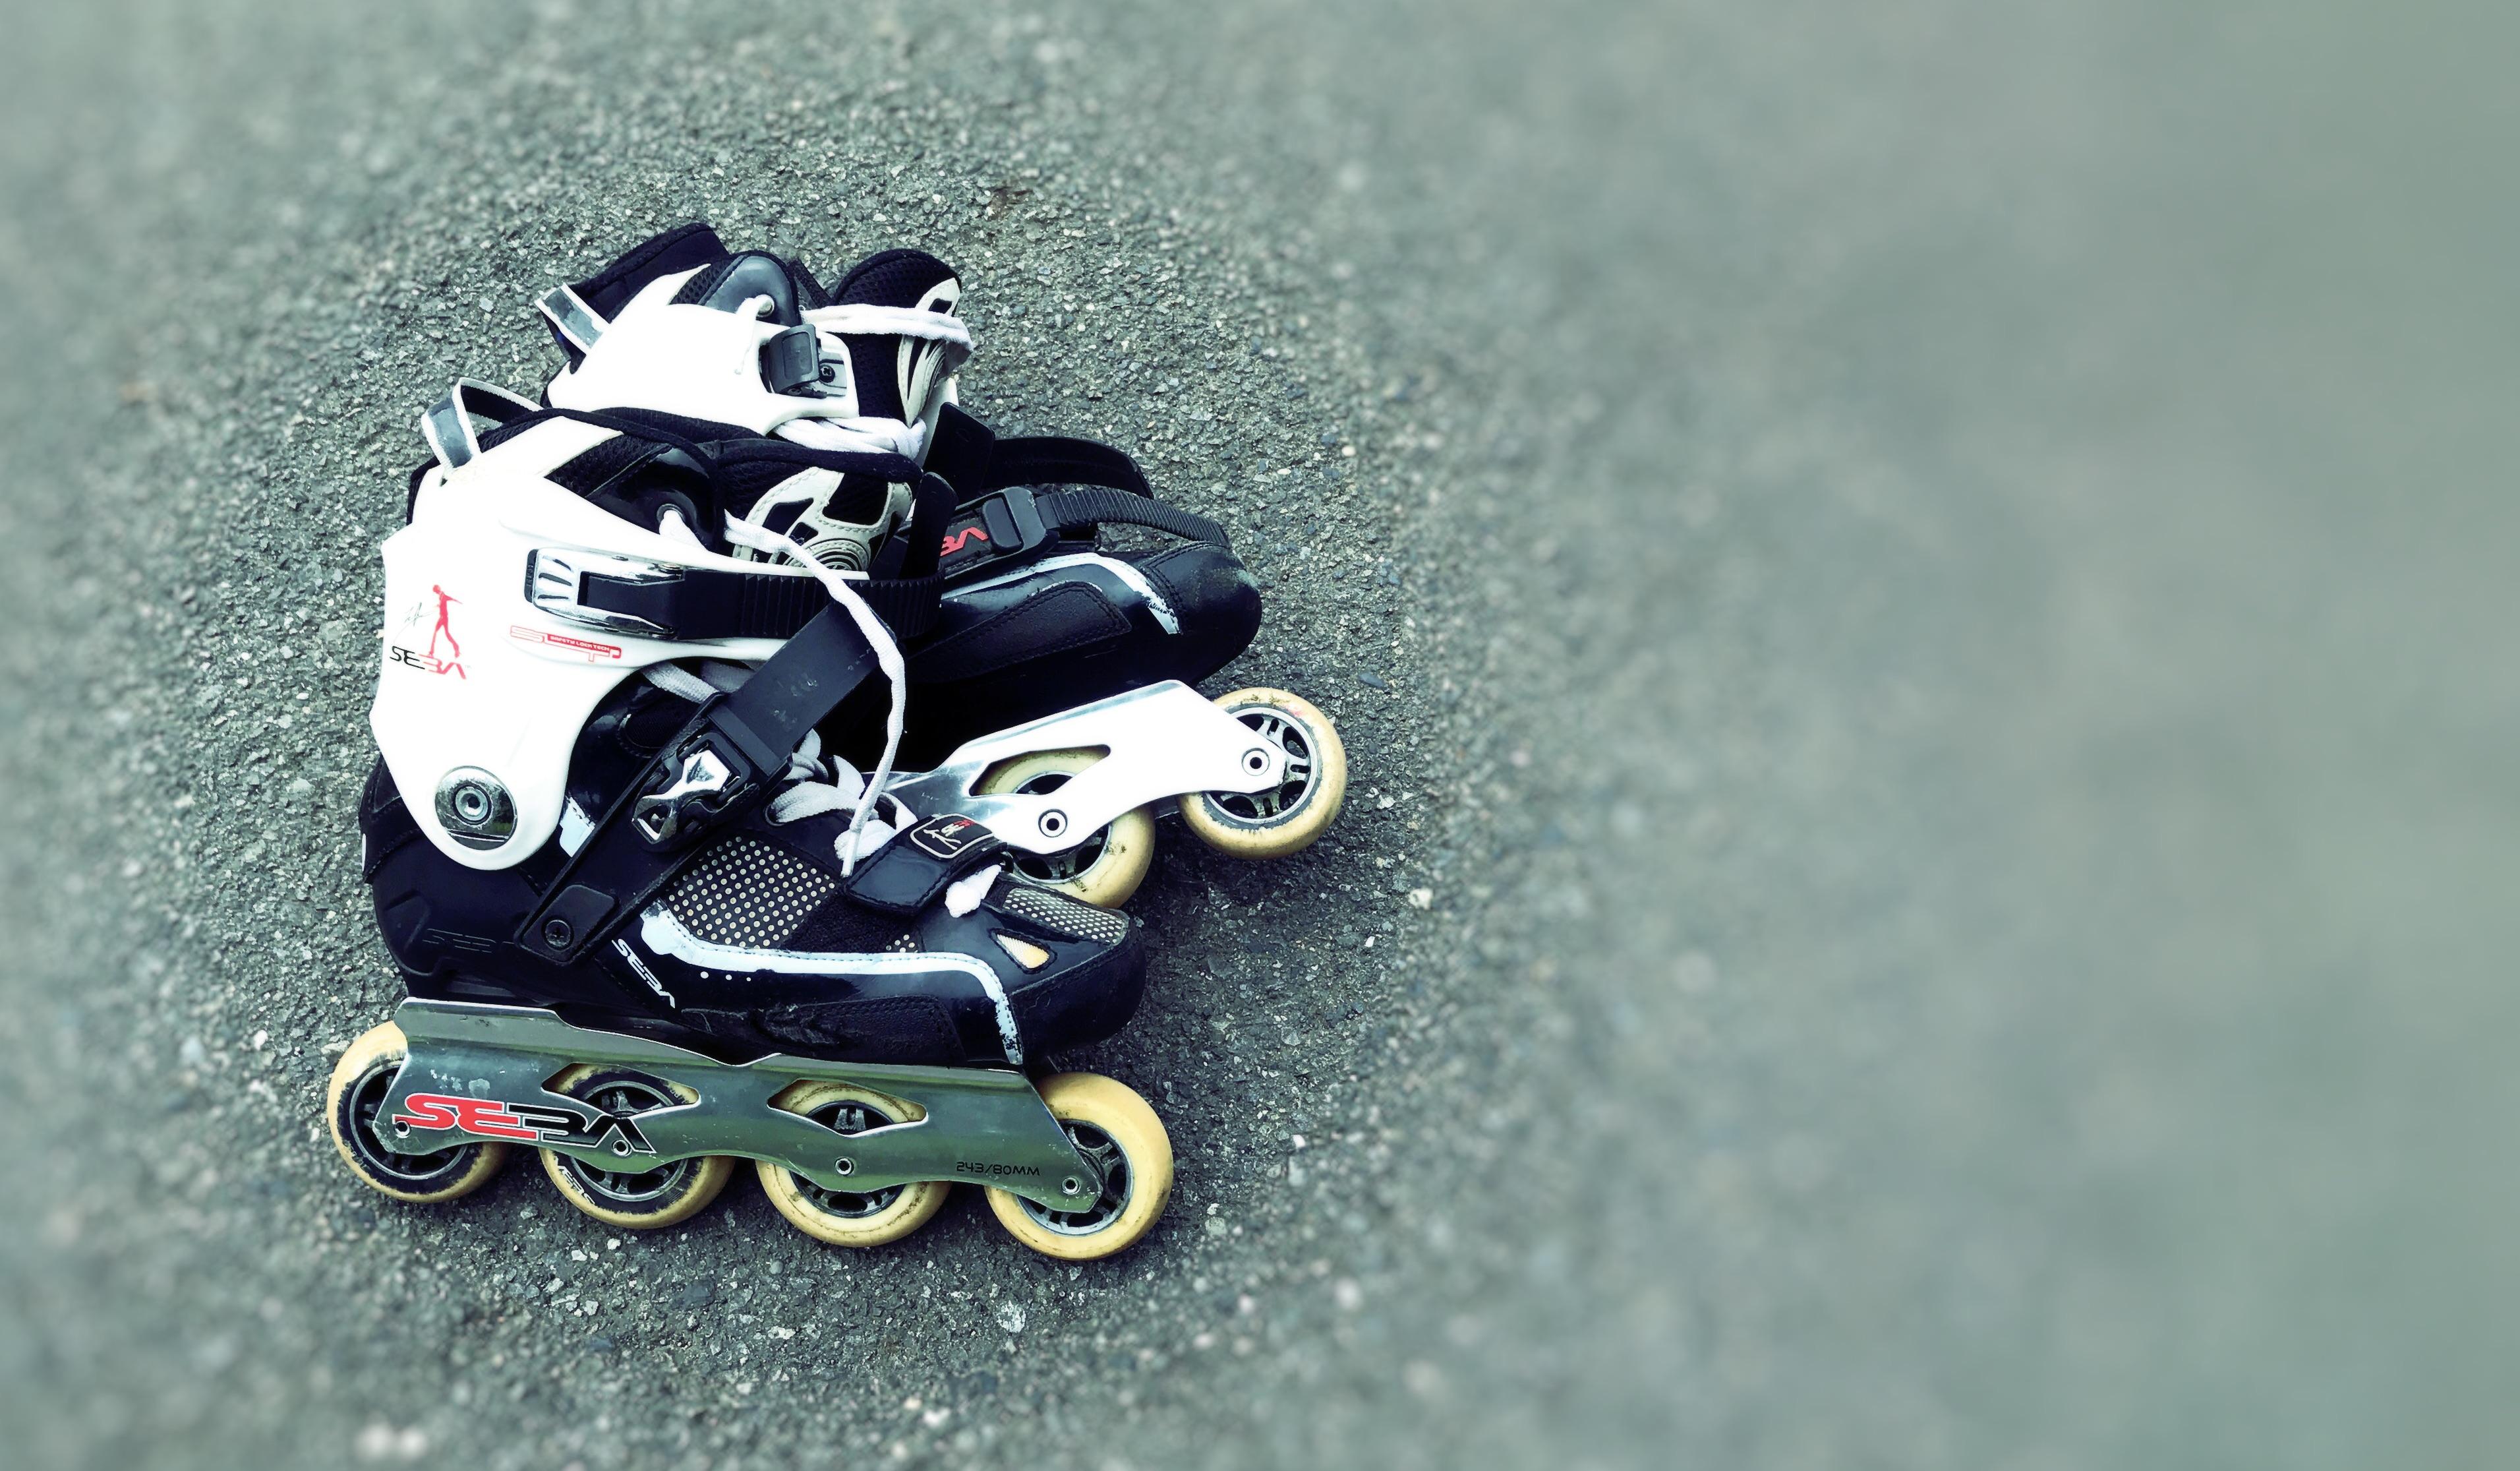 インラインスケート好き!のイメージ